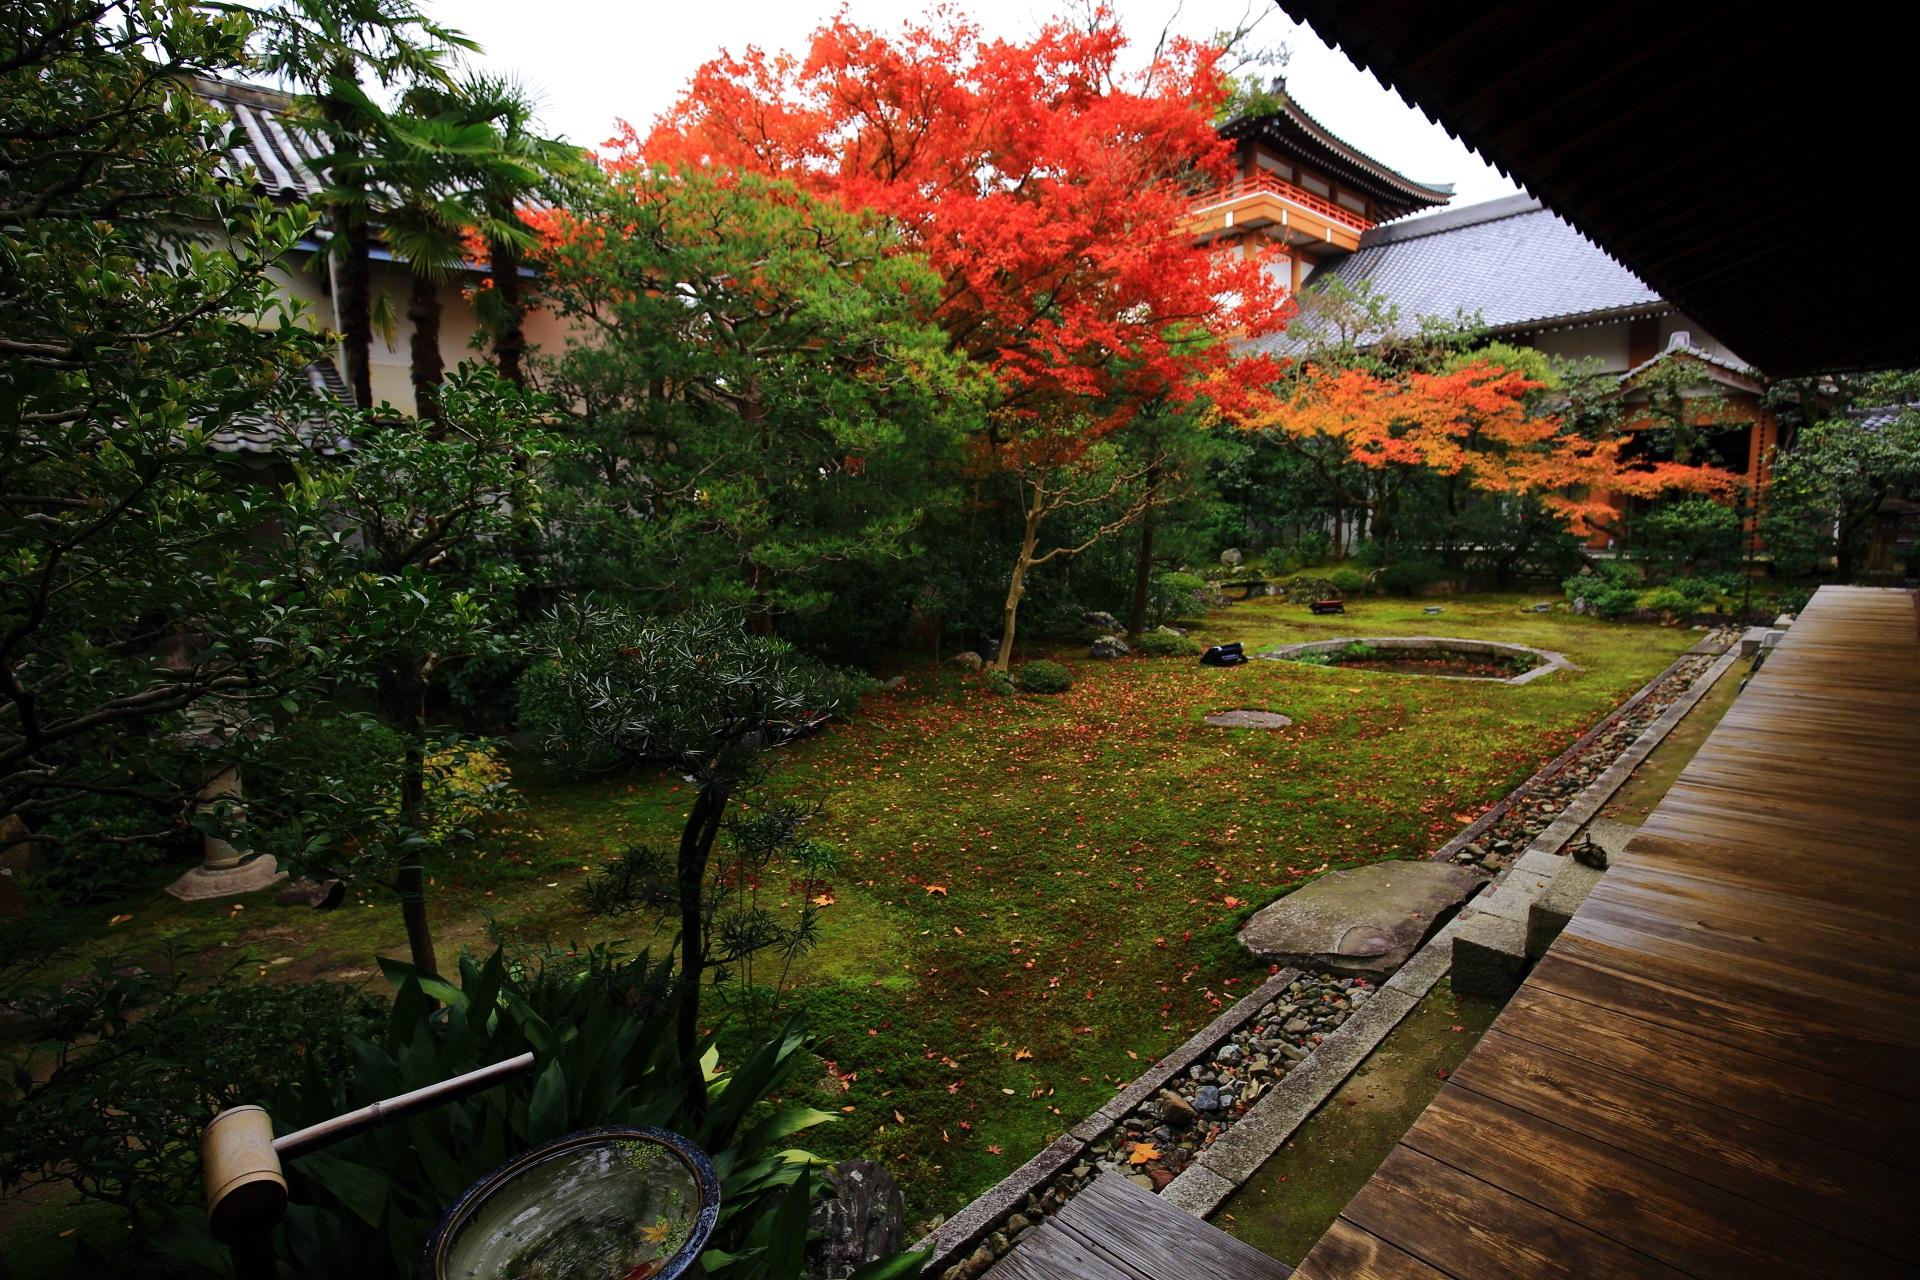 本法寺の素晴らしい紅葉と秋の情景